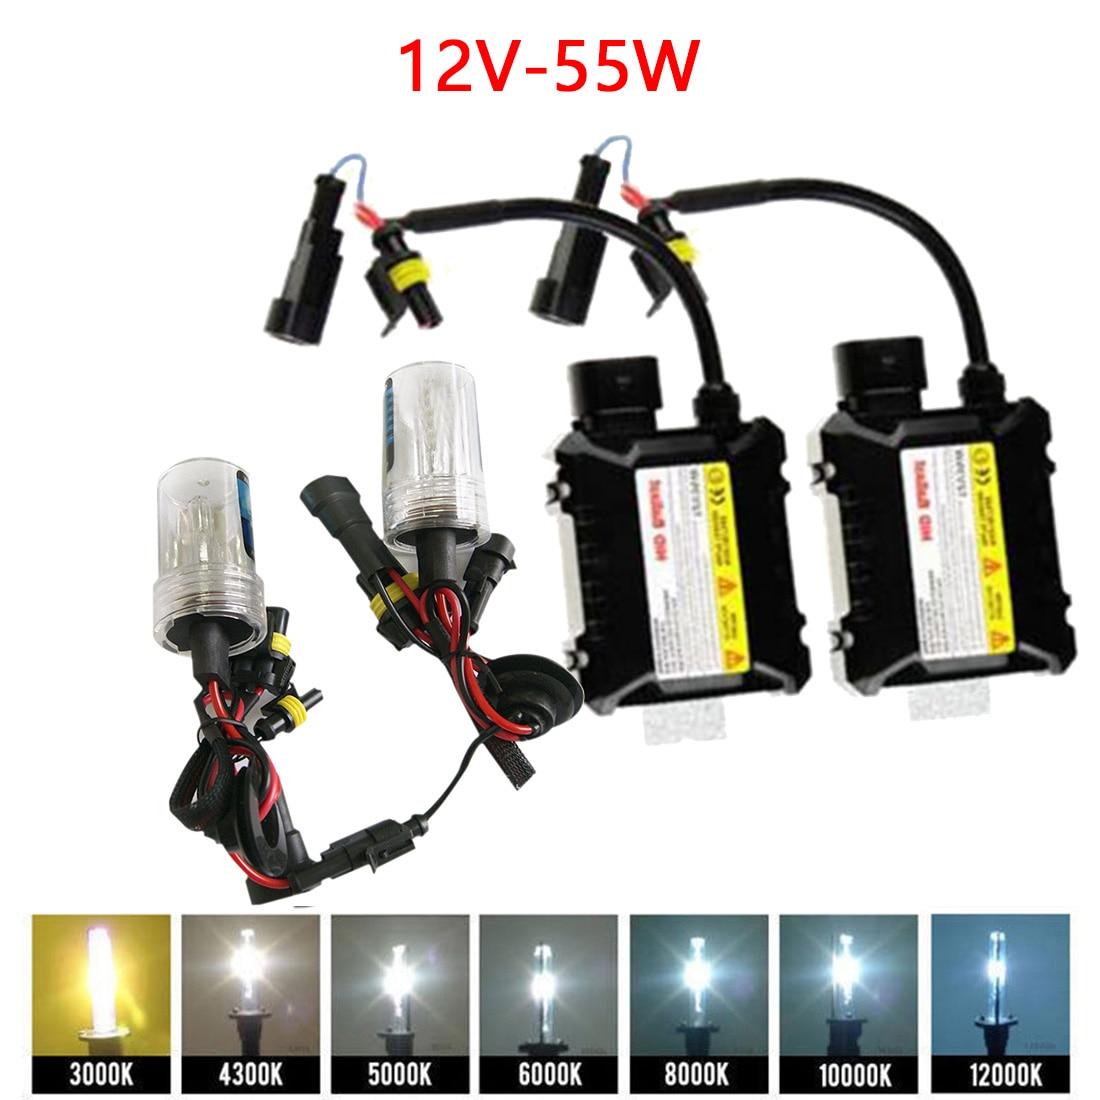 Tonewan Neue H7 Xenon HID Kit 55 Watt H1 H3 H4 H8 H9 H11 9005 HB3 9006 HB4 881 H27 lampe für auto scheinwerfer auto styling xenon H7